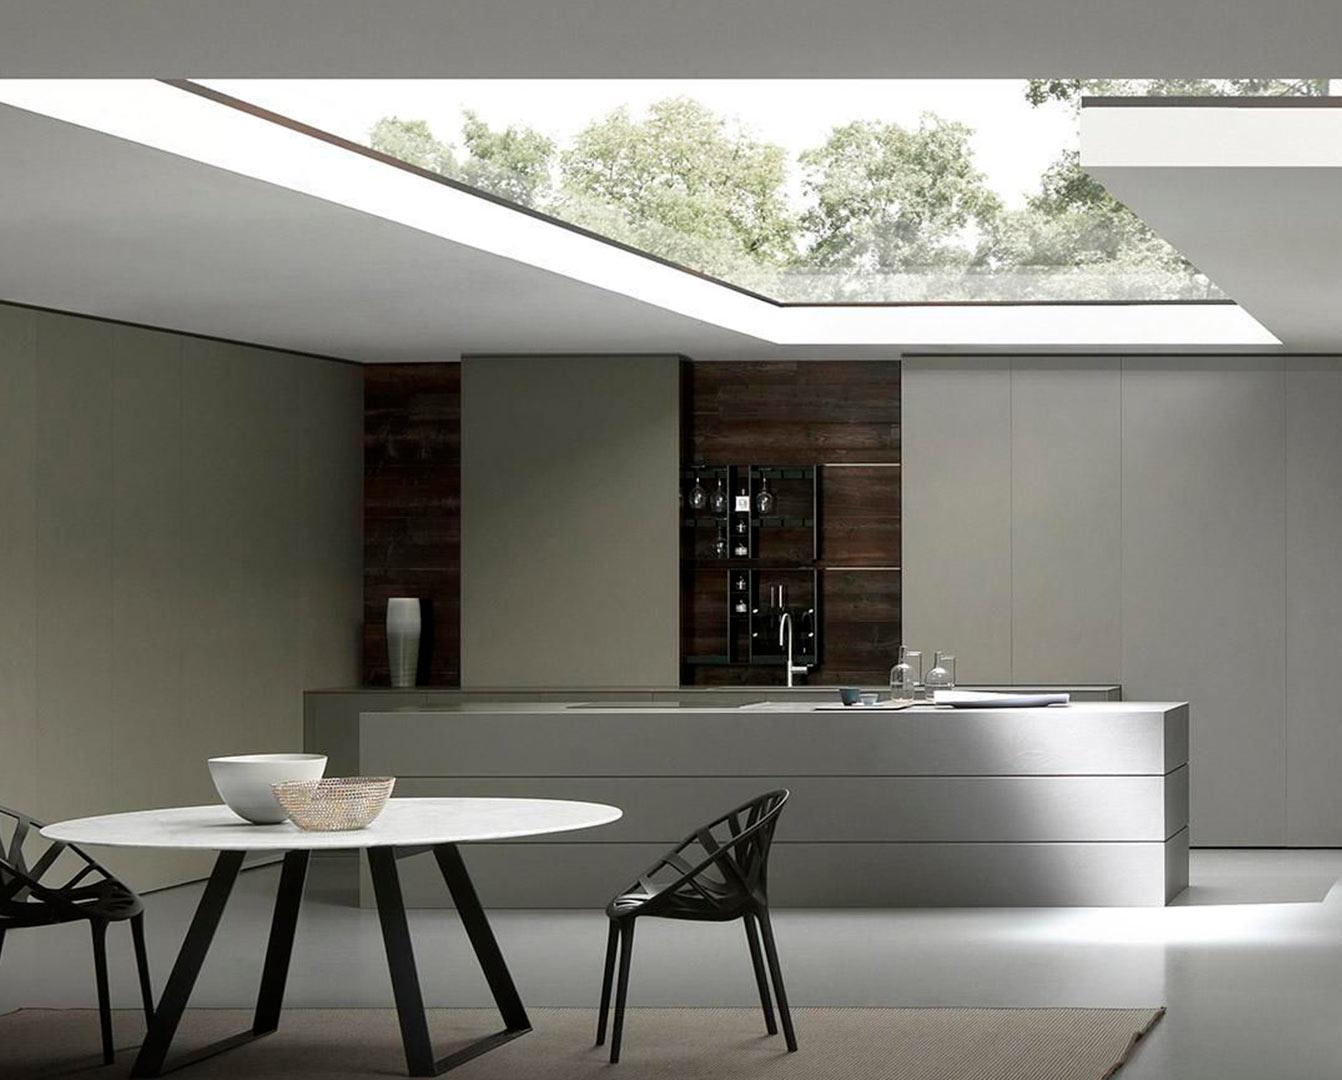 https://interno.es/wp-content/uploads/2016/07/cocinas-de-diseño-en-murcia-decoracion-de-interiores.jpg